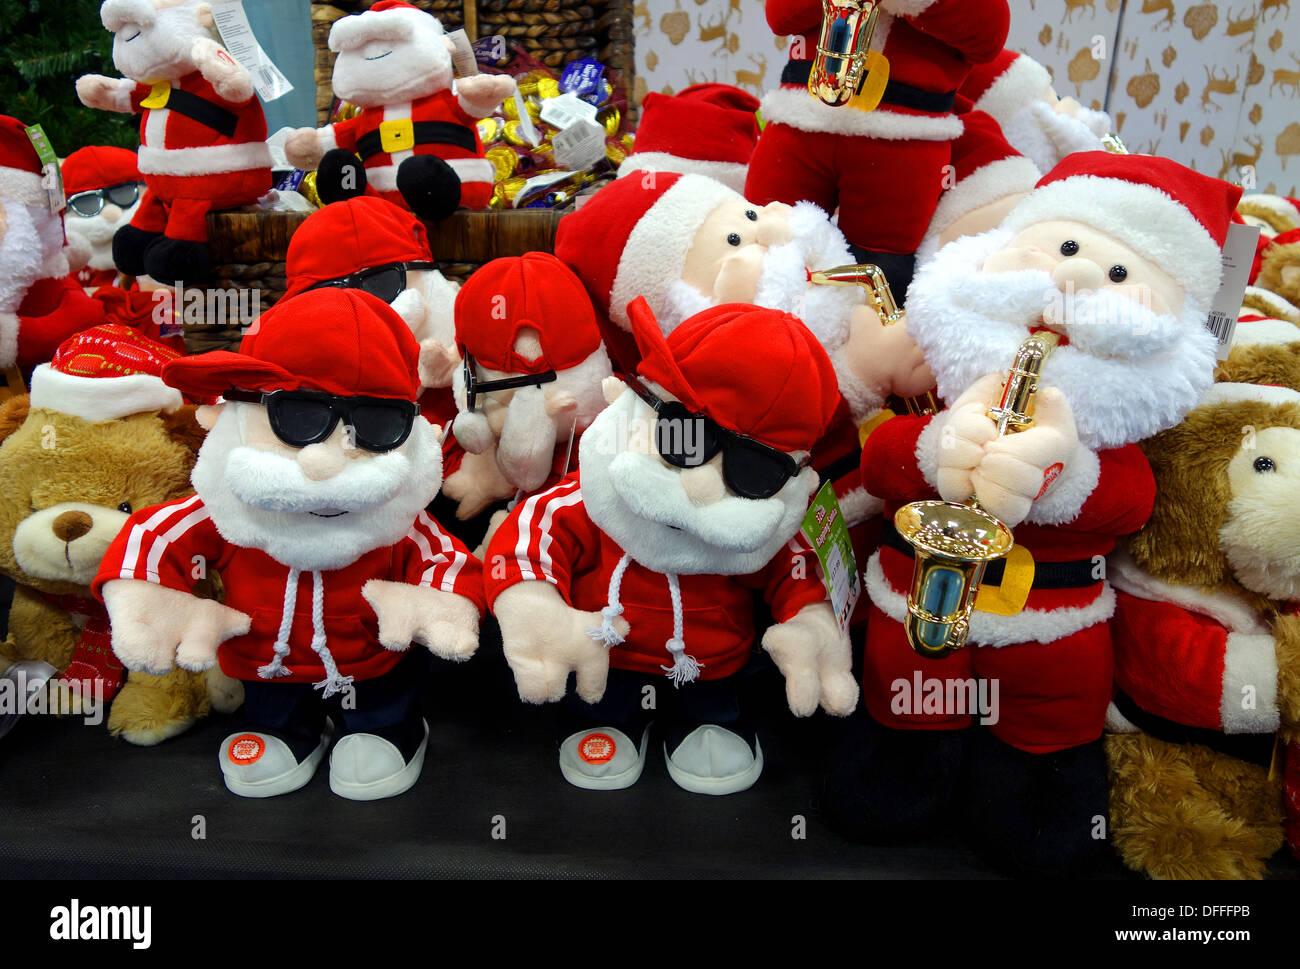 Un display di giocattoli di Natale in un negozio Foto Stock